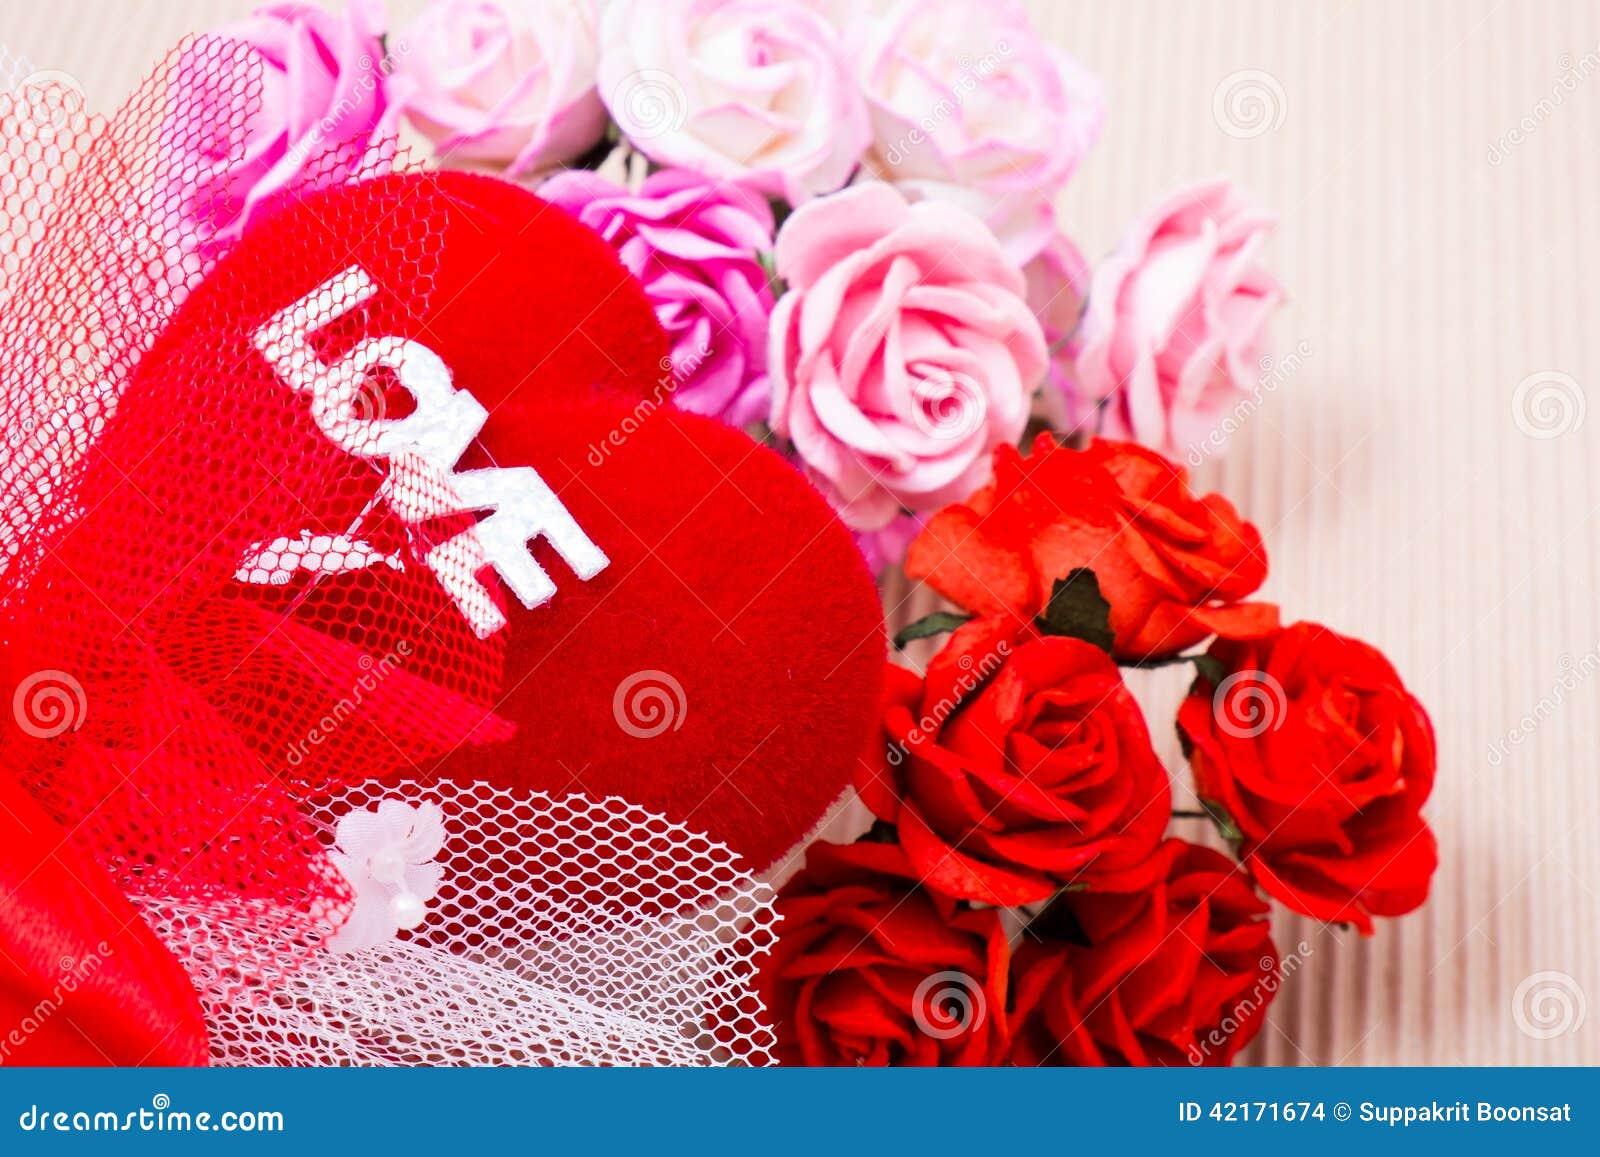 rotes herz mit liebeswort und rosen stockfoto  bild von